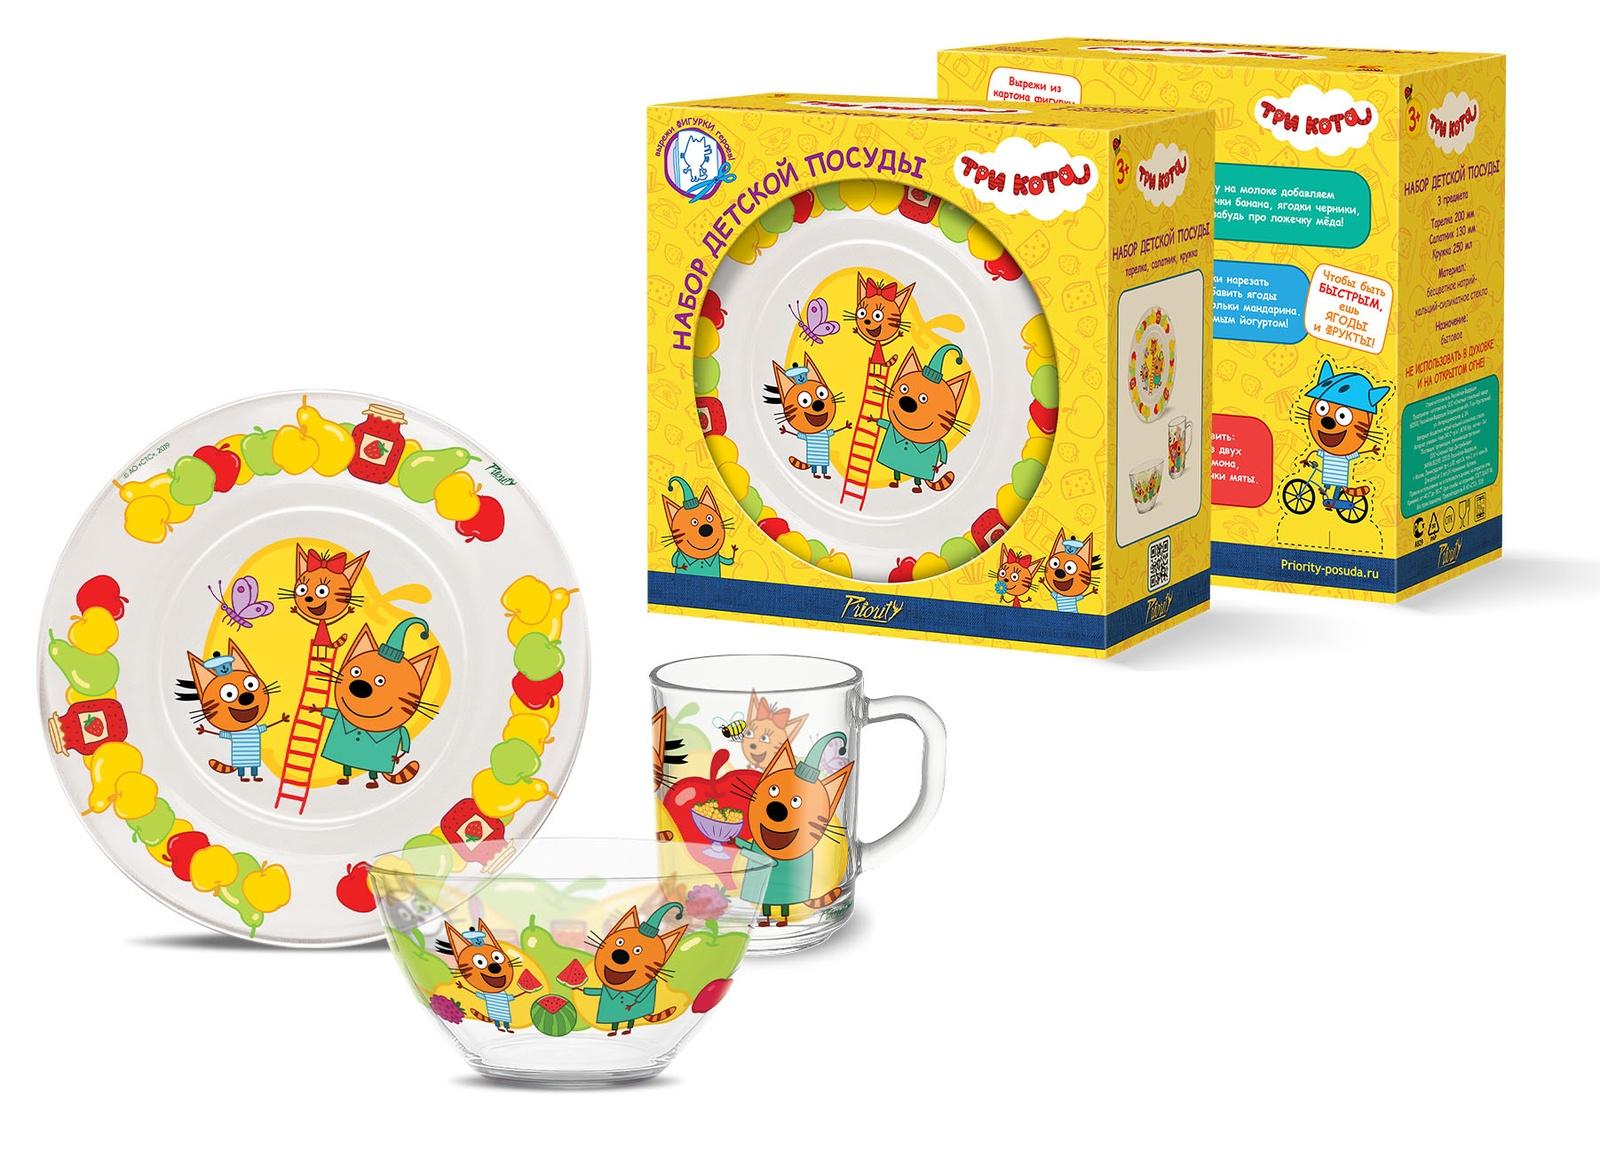 Набор детской посуды PrioritY / Три Кота Фрукты